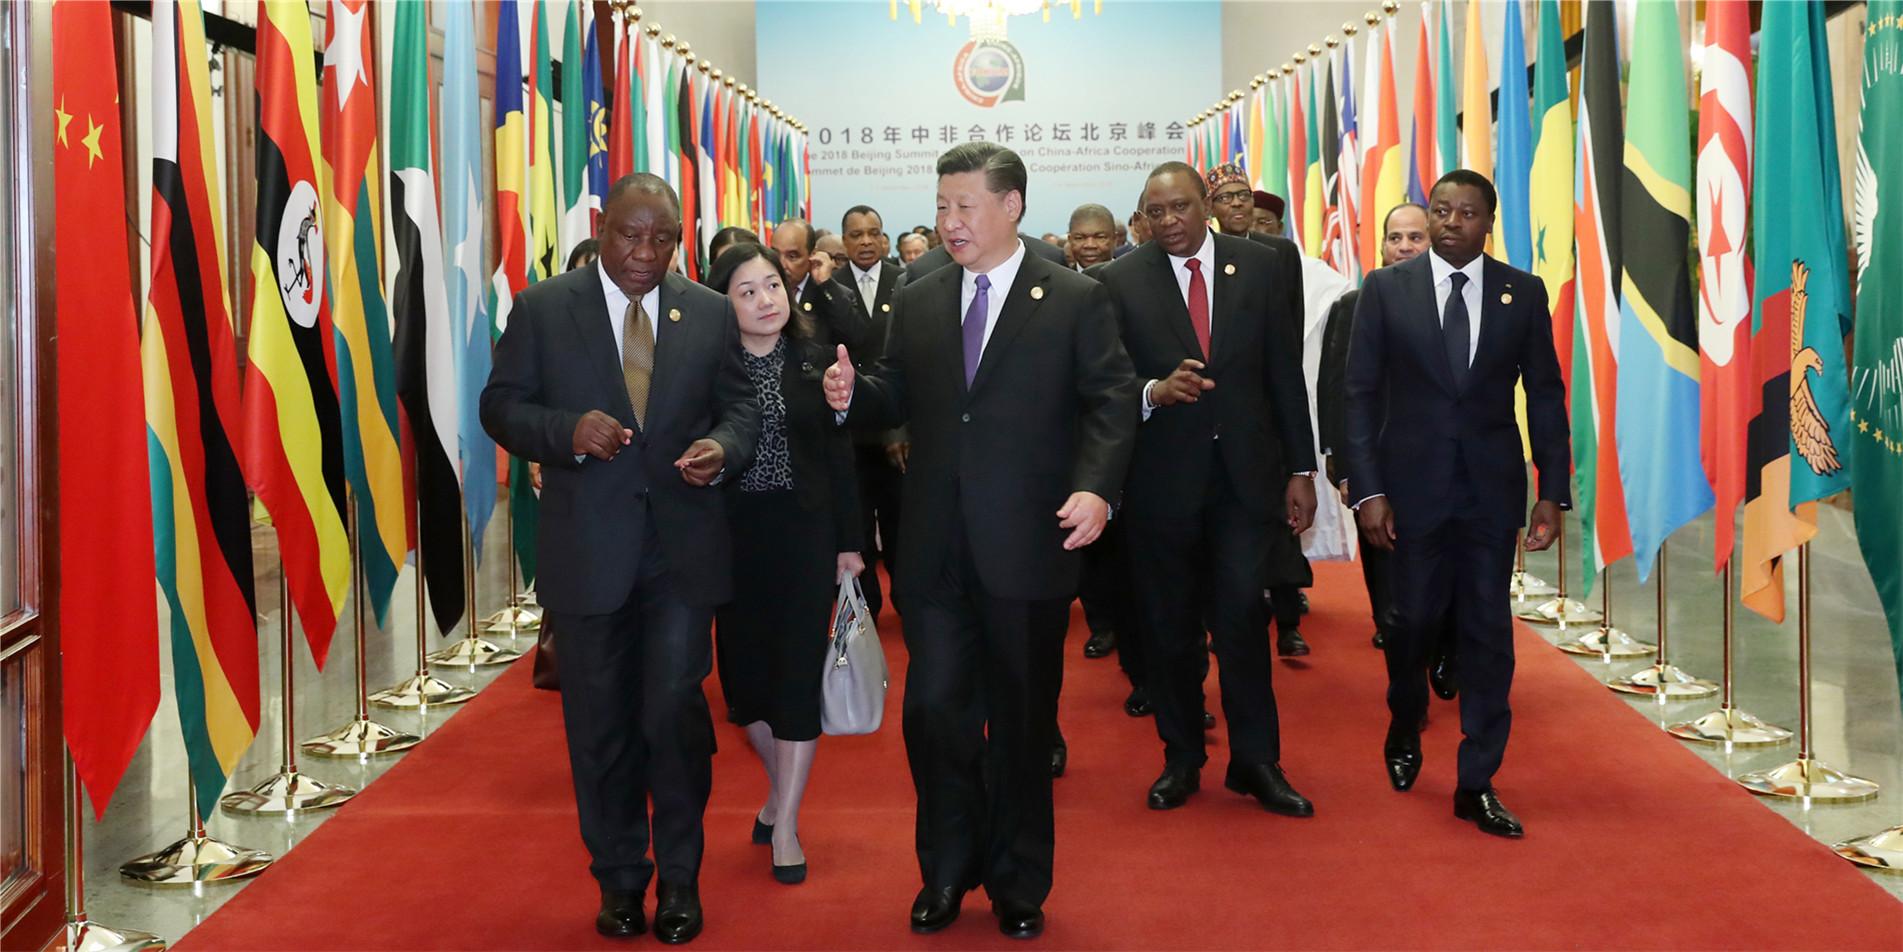 【照片六】2018年9月3日,中非合作论坛北京峰会.